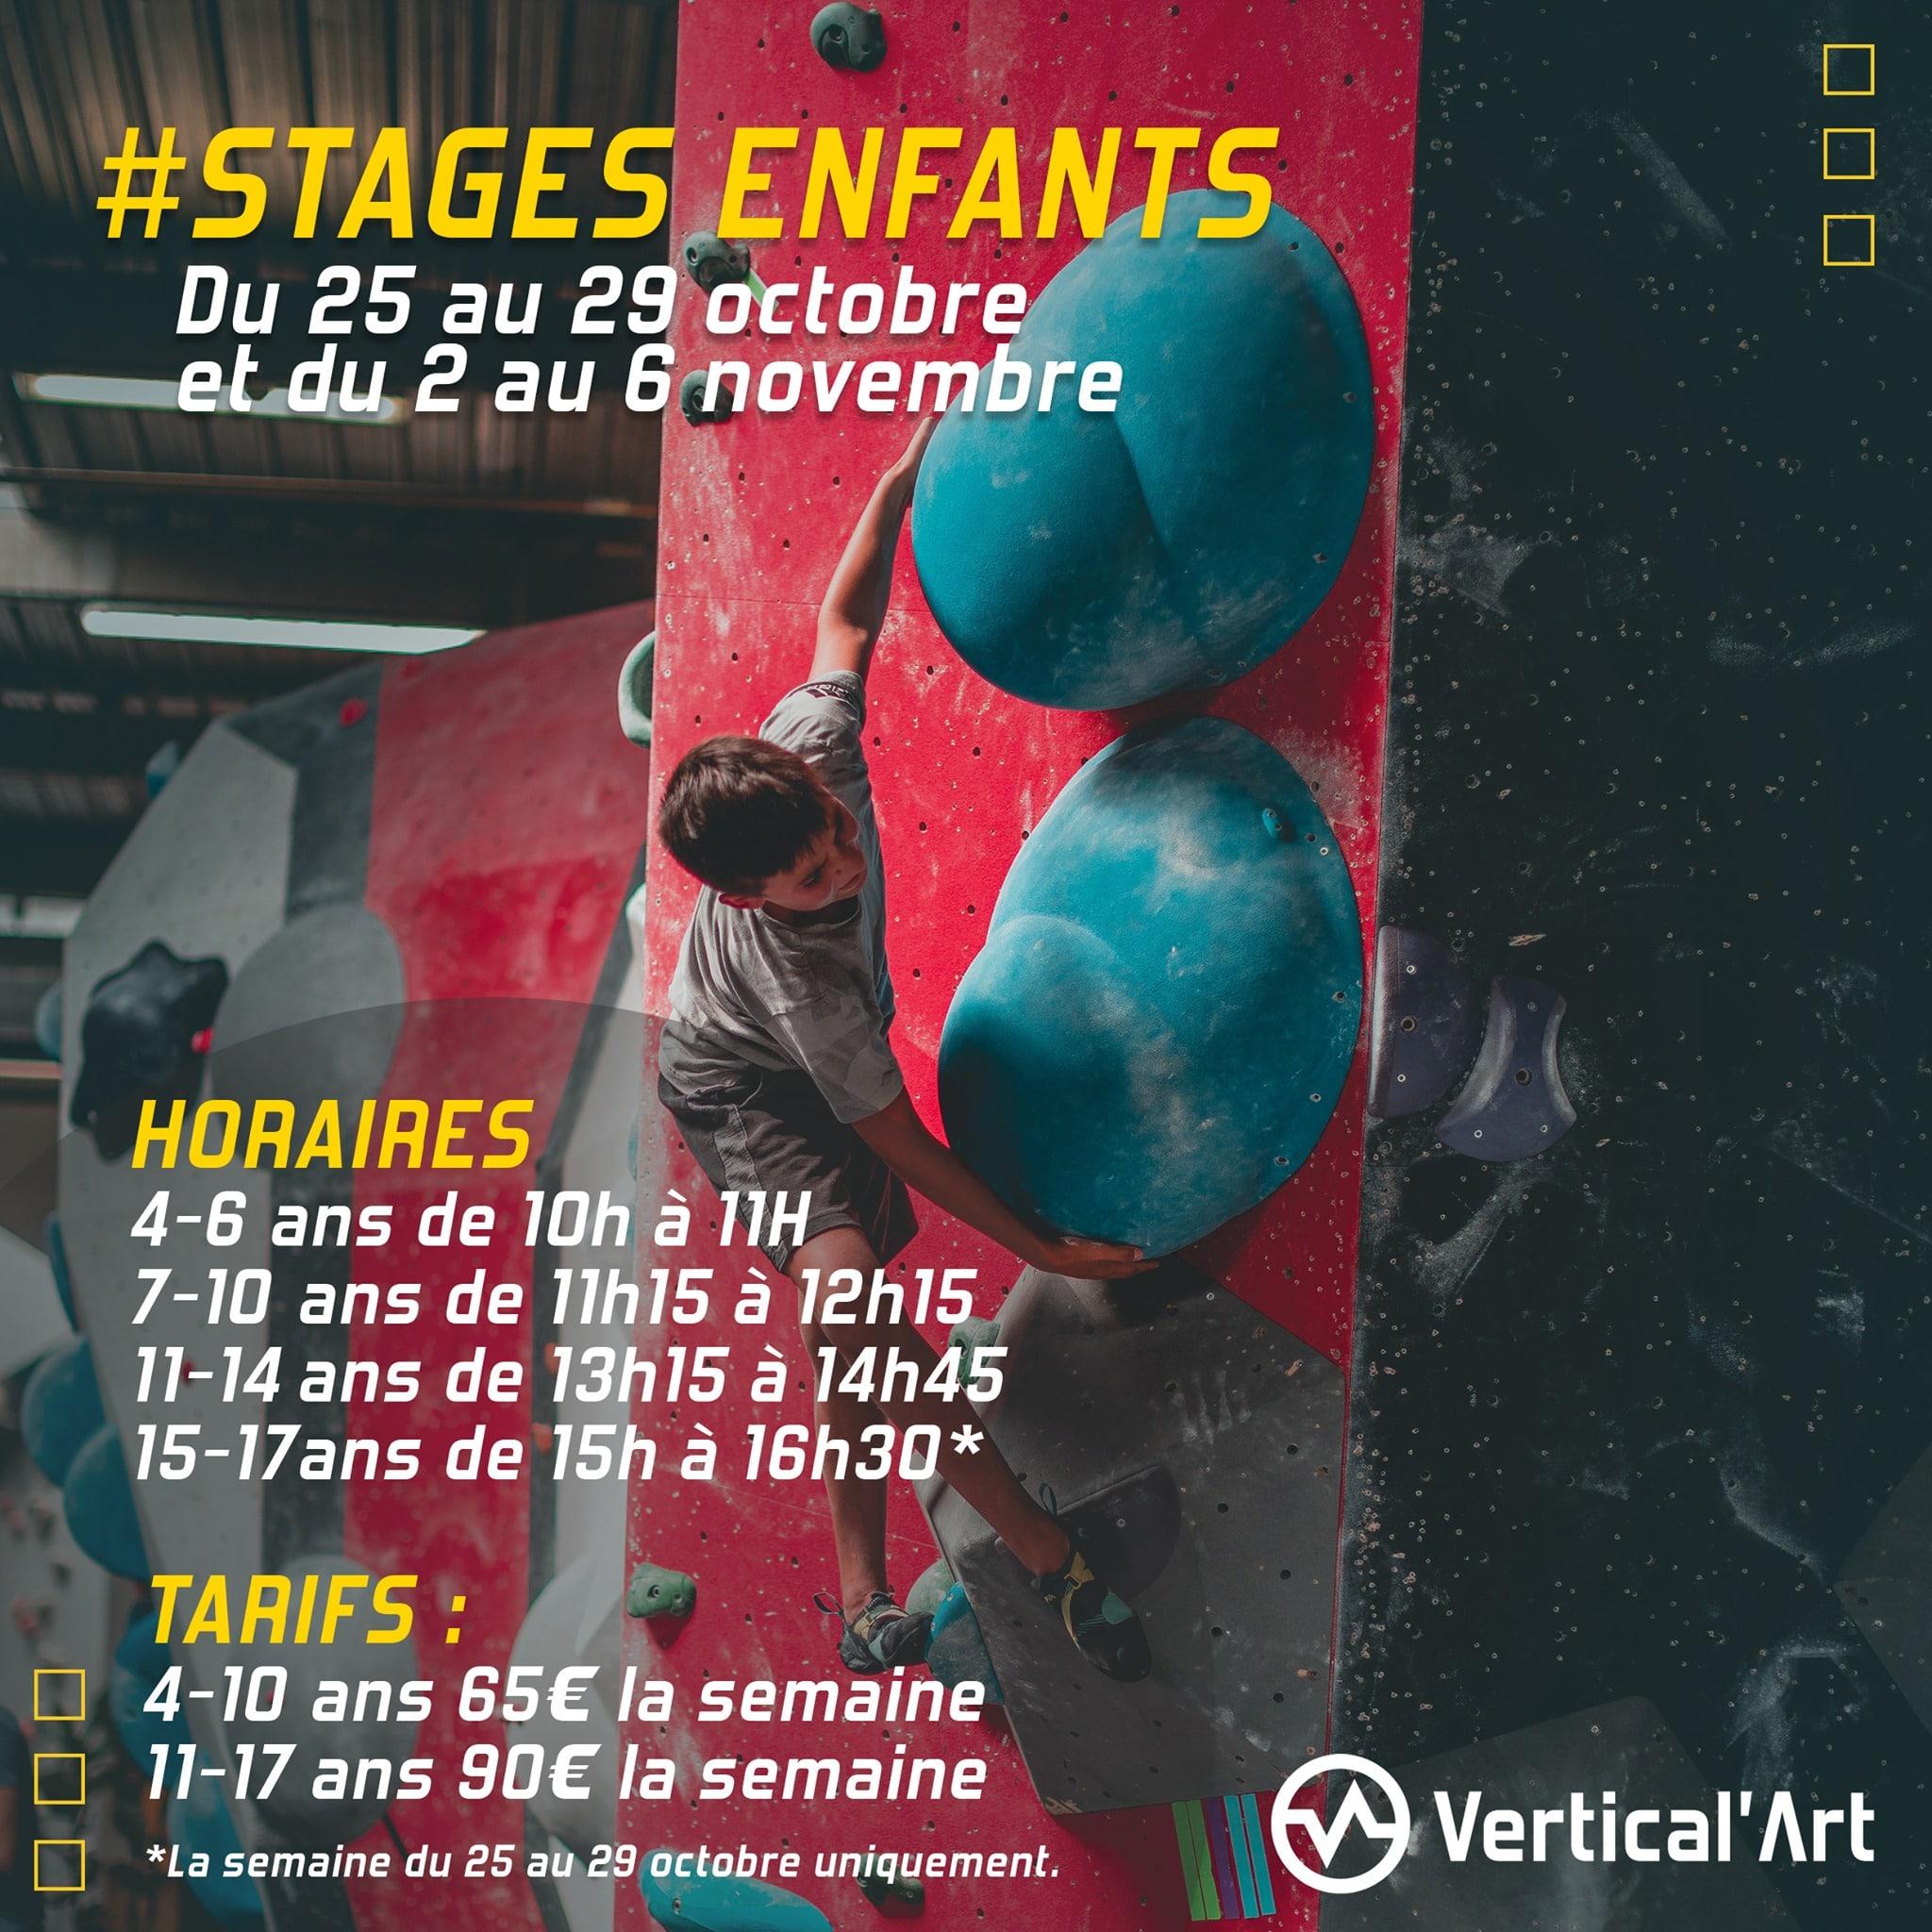 Stages enfants vacances de la Toussaint à Vertical'Art SQY, du 25 au 29 octobre et du 02 au 06 novembre, inscriptions ouvertes